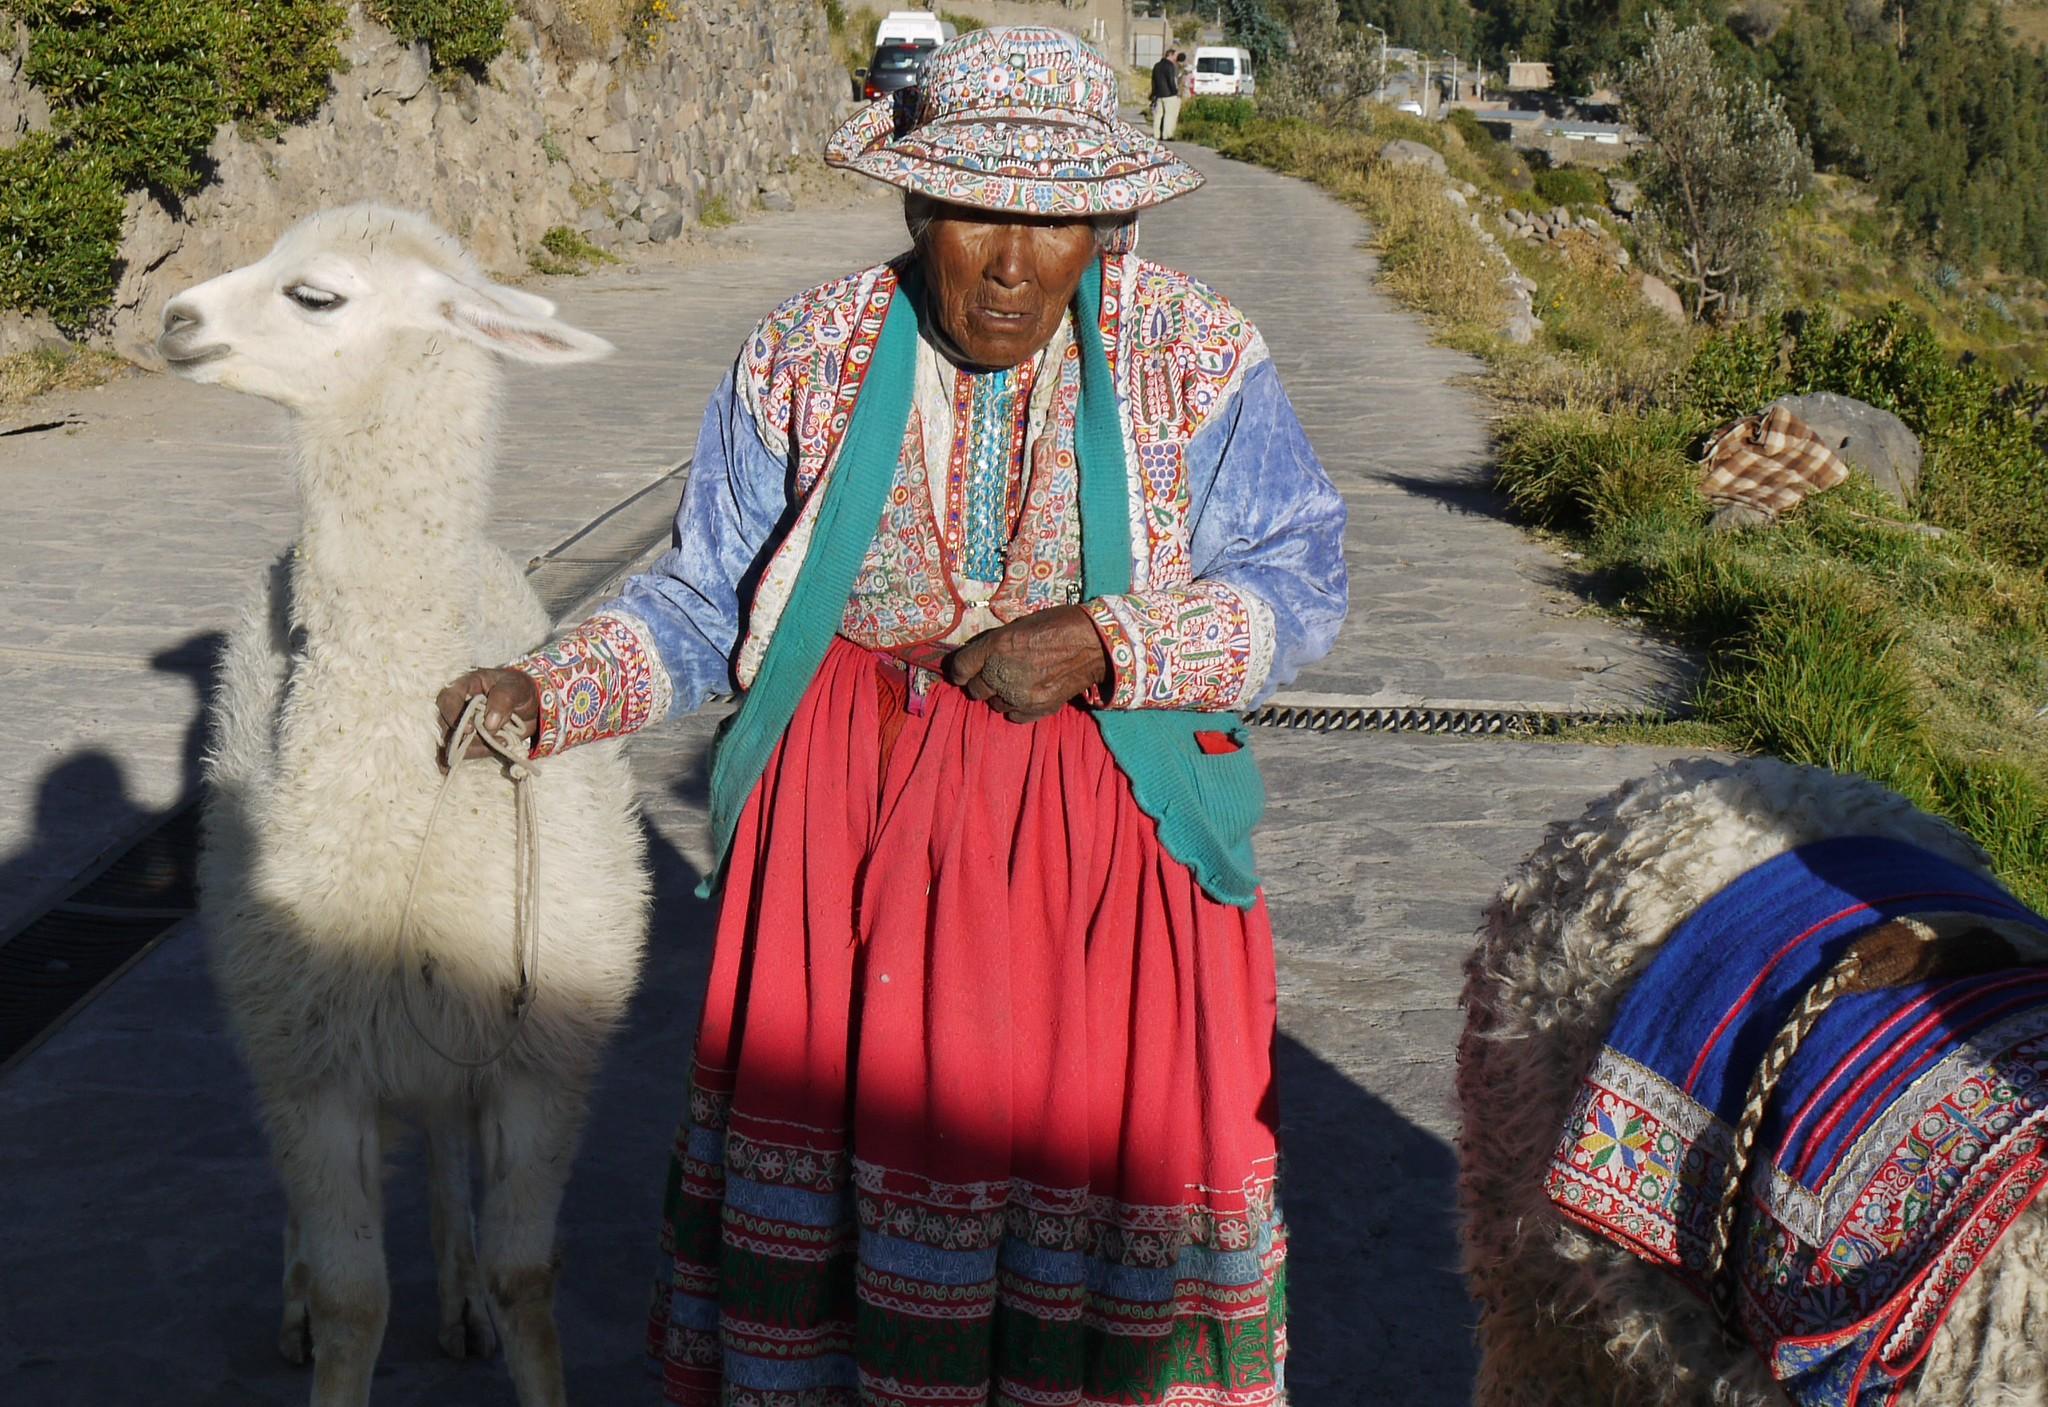 Alpaga et femme en habits traditionnels